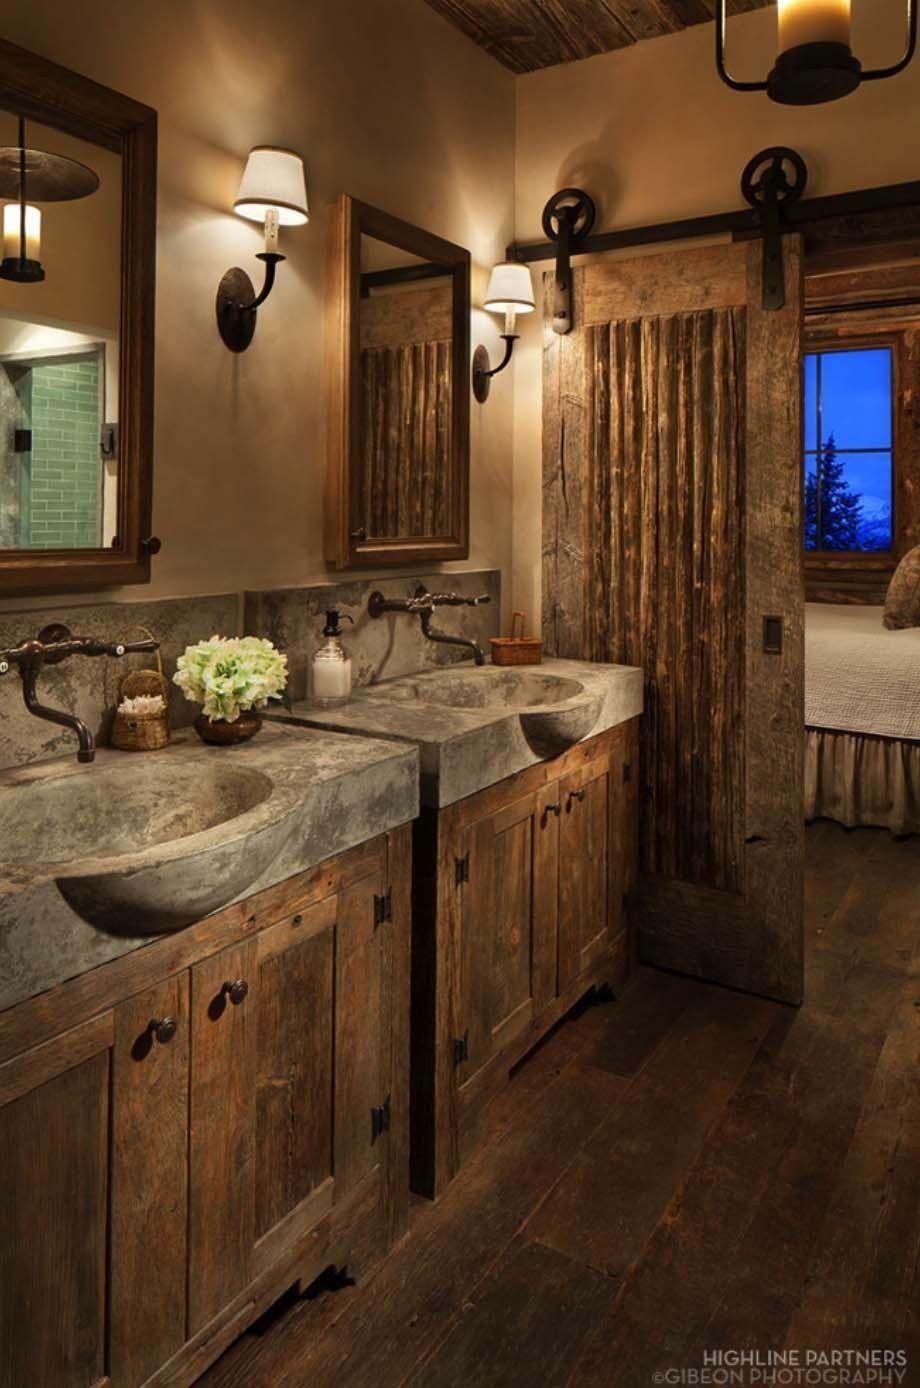 Western Bathroom Ideas In 2020 Western Bathroom Decor Rustic Bathrooms Rustic Bathroom Decor